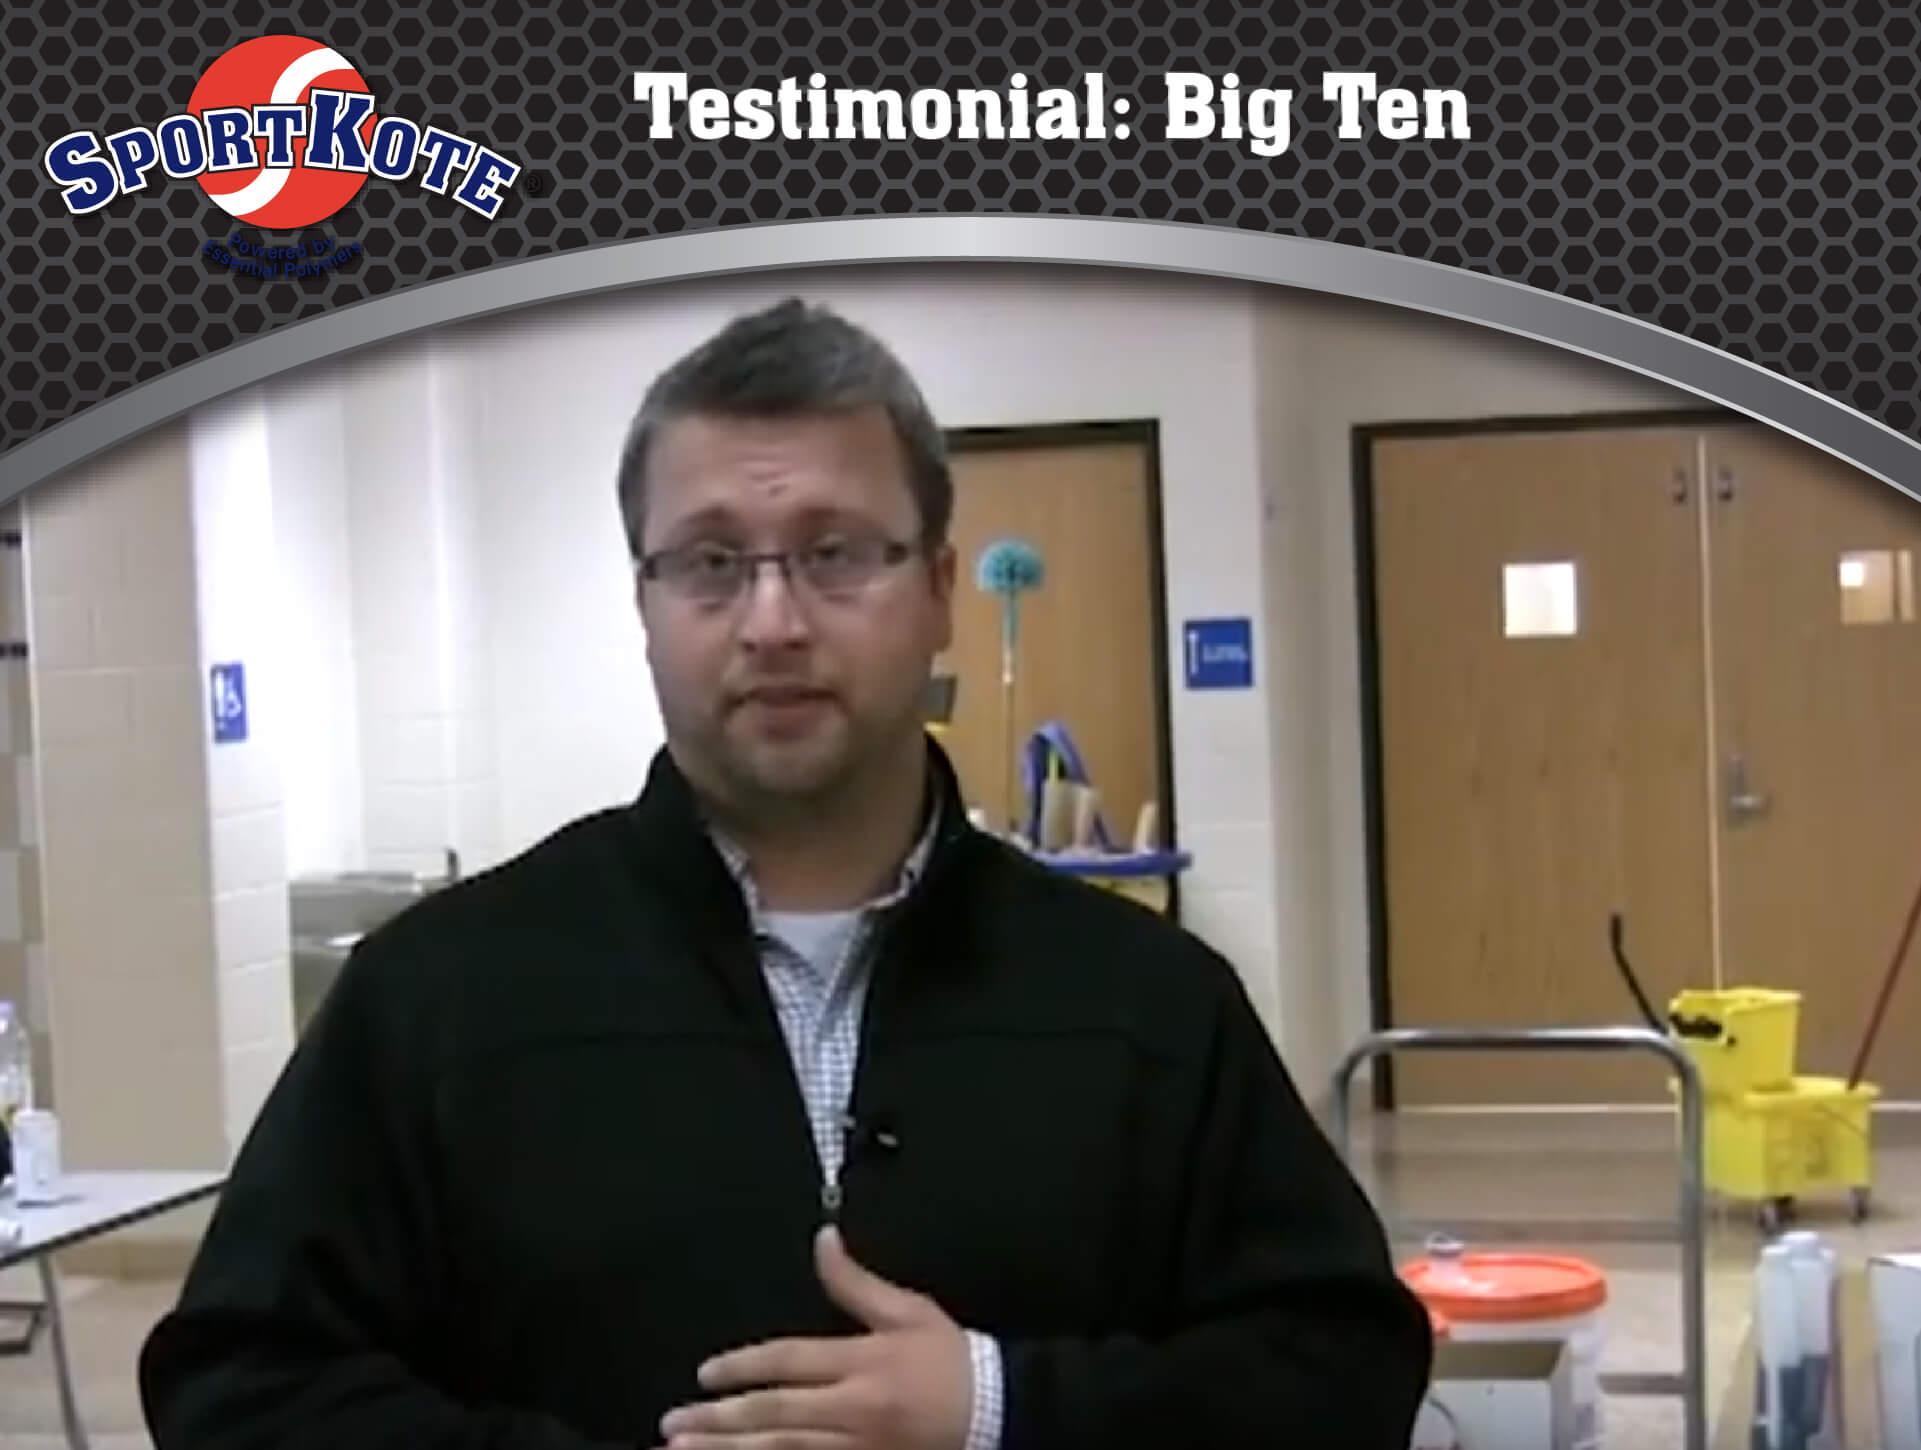 Sport Kote Testimonial Big Ten